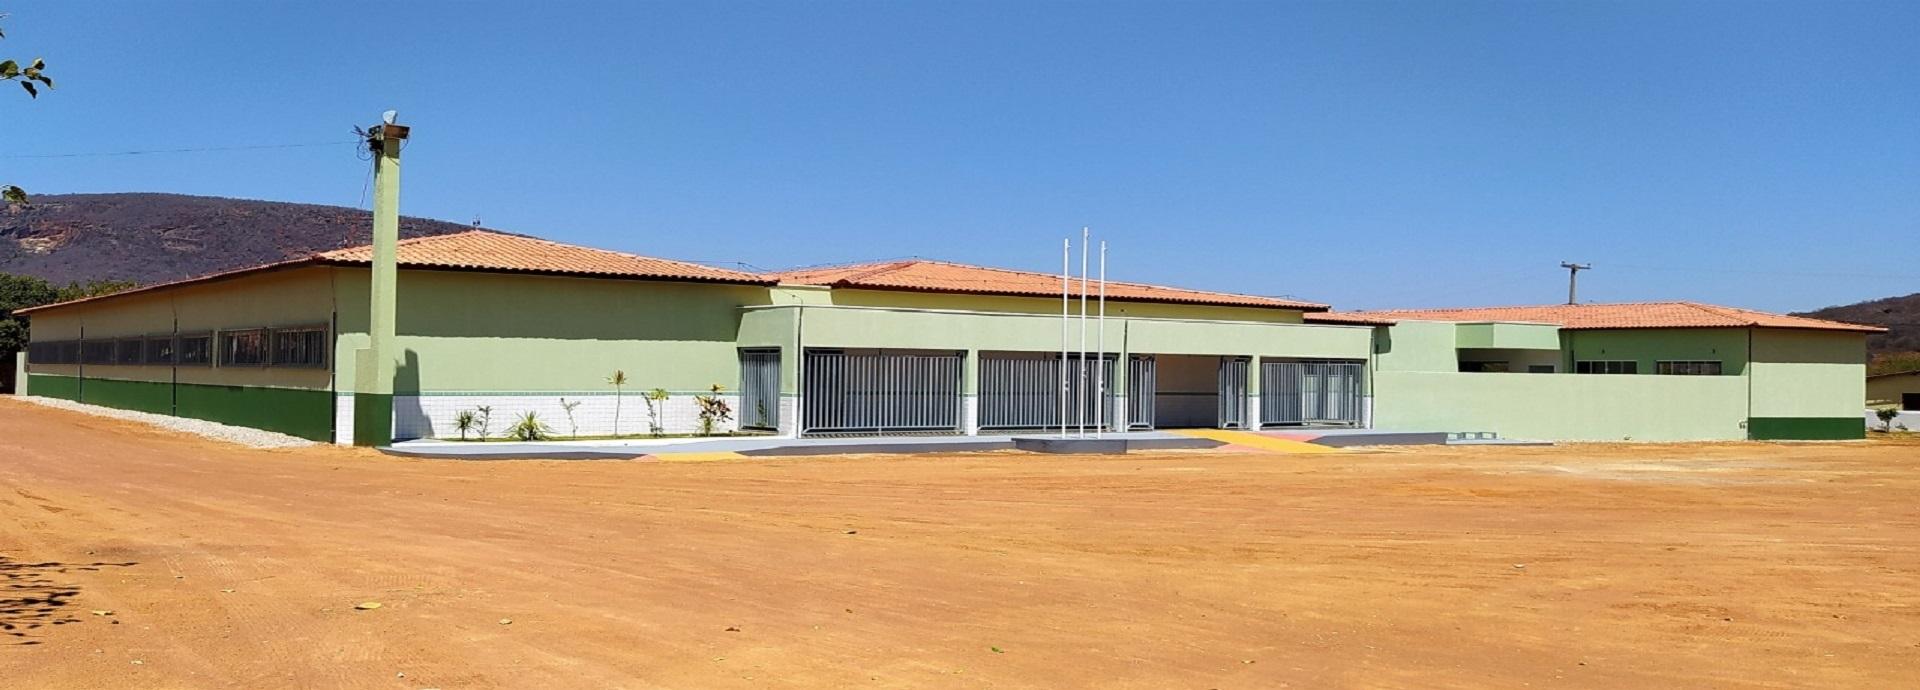 INAUGURAÇÃO DA NOVA ESCOLA MUNICIPAL BARÃO DE SÃO TIMÓTEO